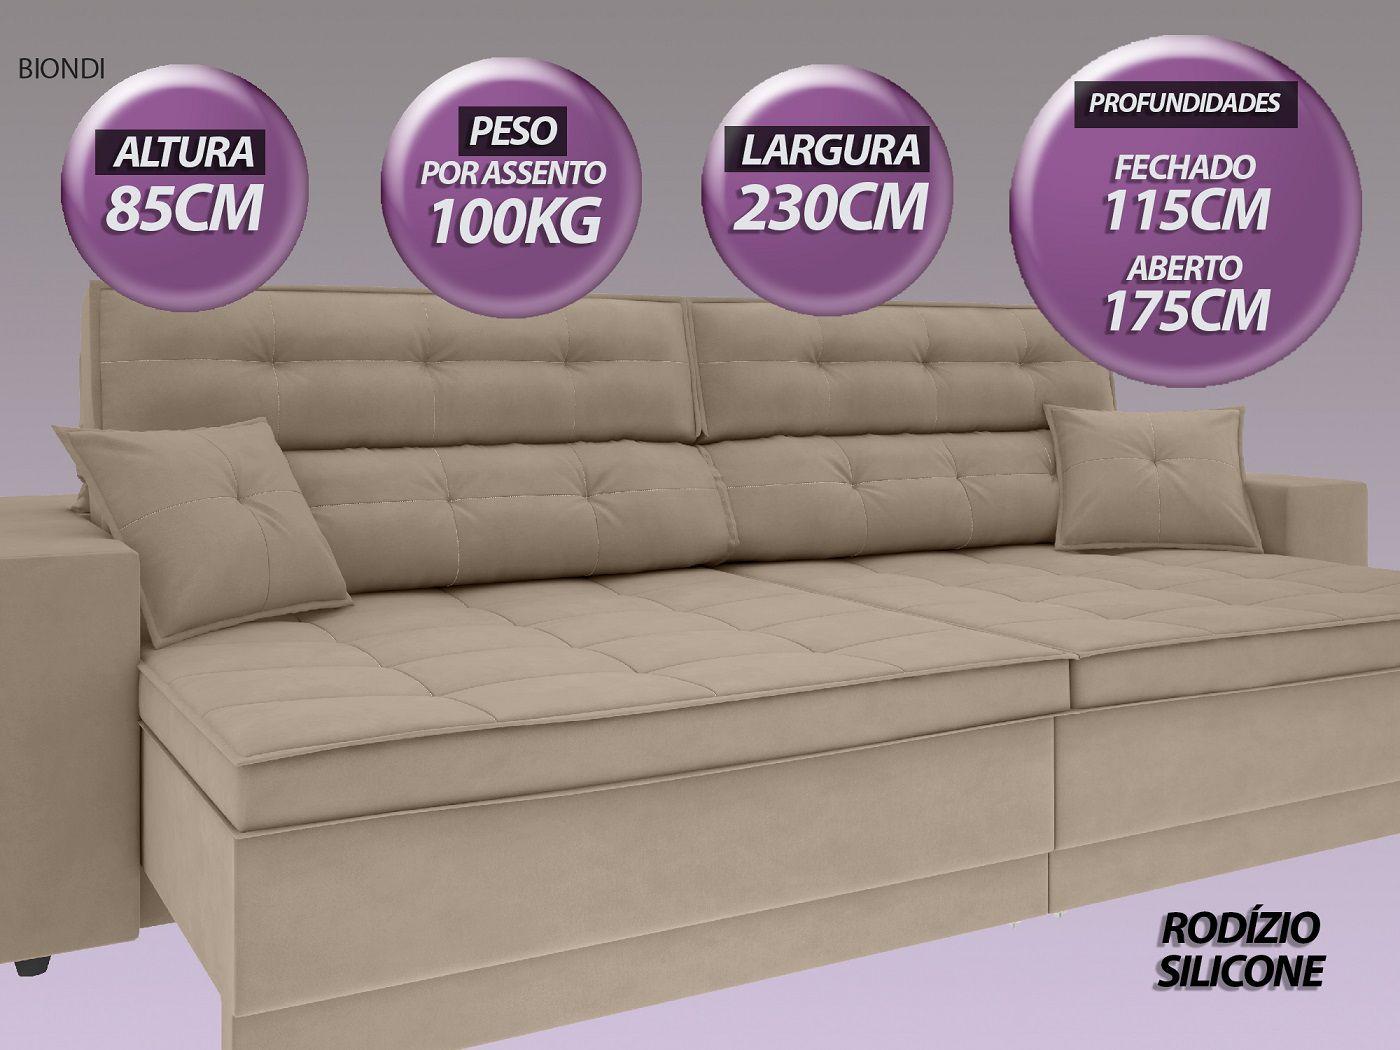 Sofá New Biondi 2,30m Retrátil e Reclinável Velosuede Capuccino  - NETSOFAS  - NETSOFÁS